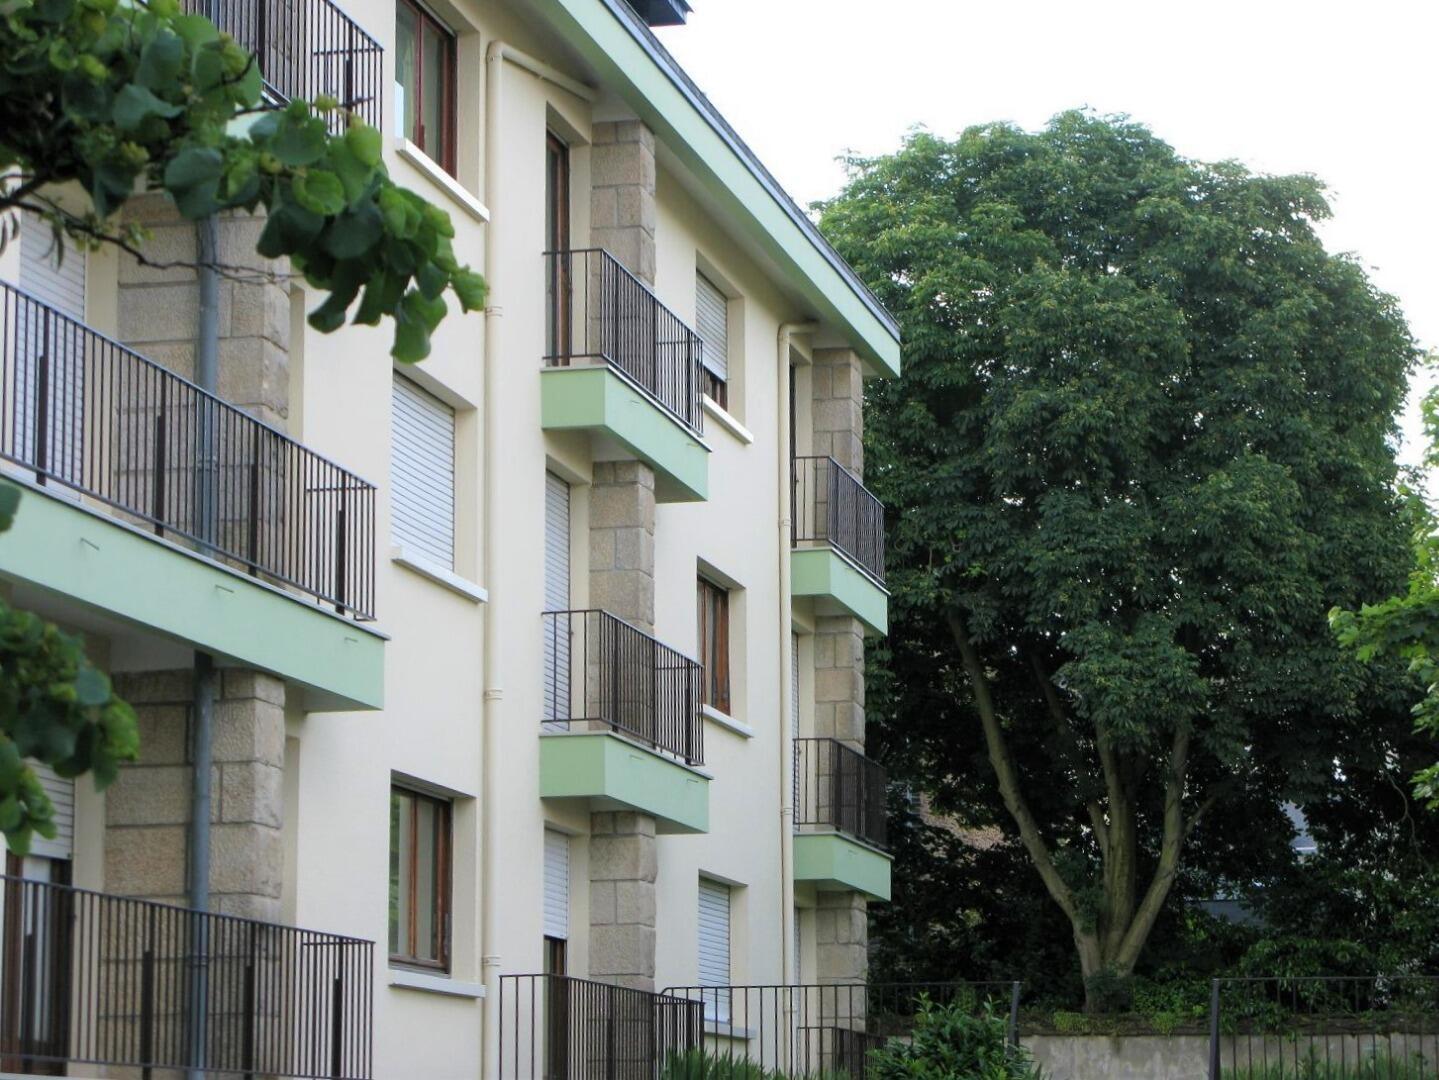 Location Meublée 1 Pièce Rennes Centre Ville (35000) : À concernant Location Meublé Rennes